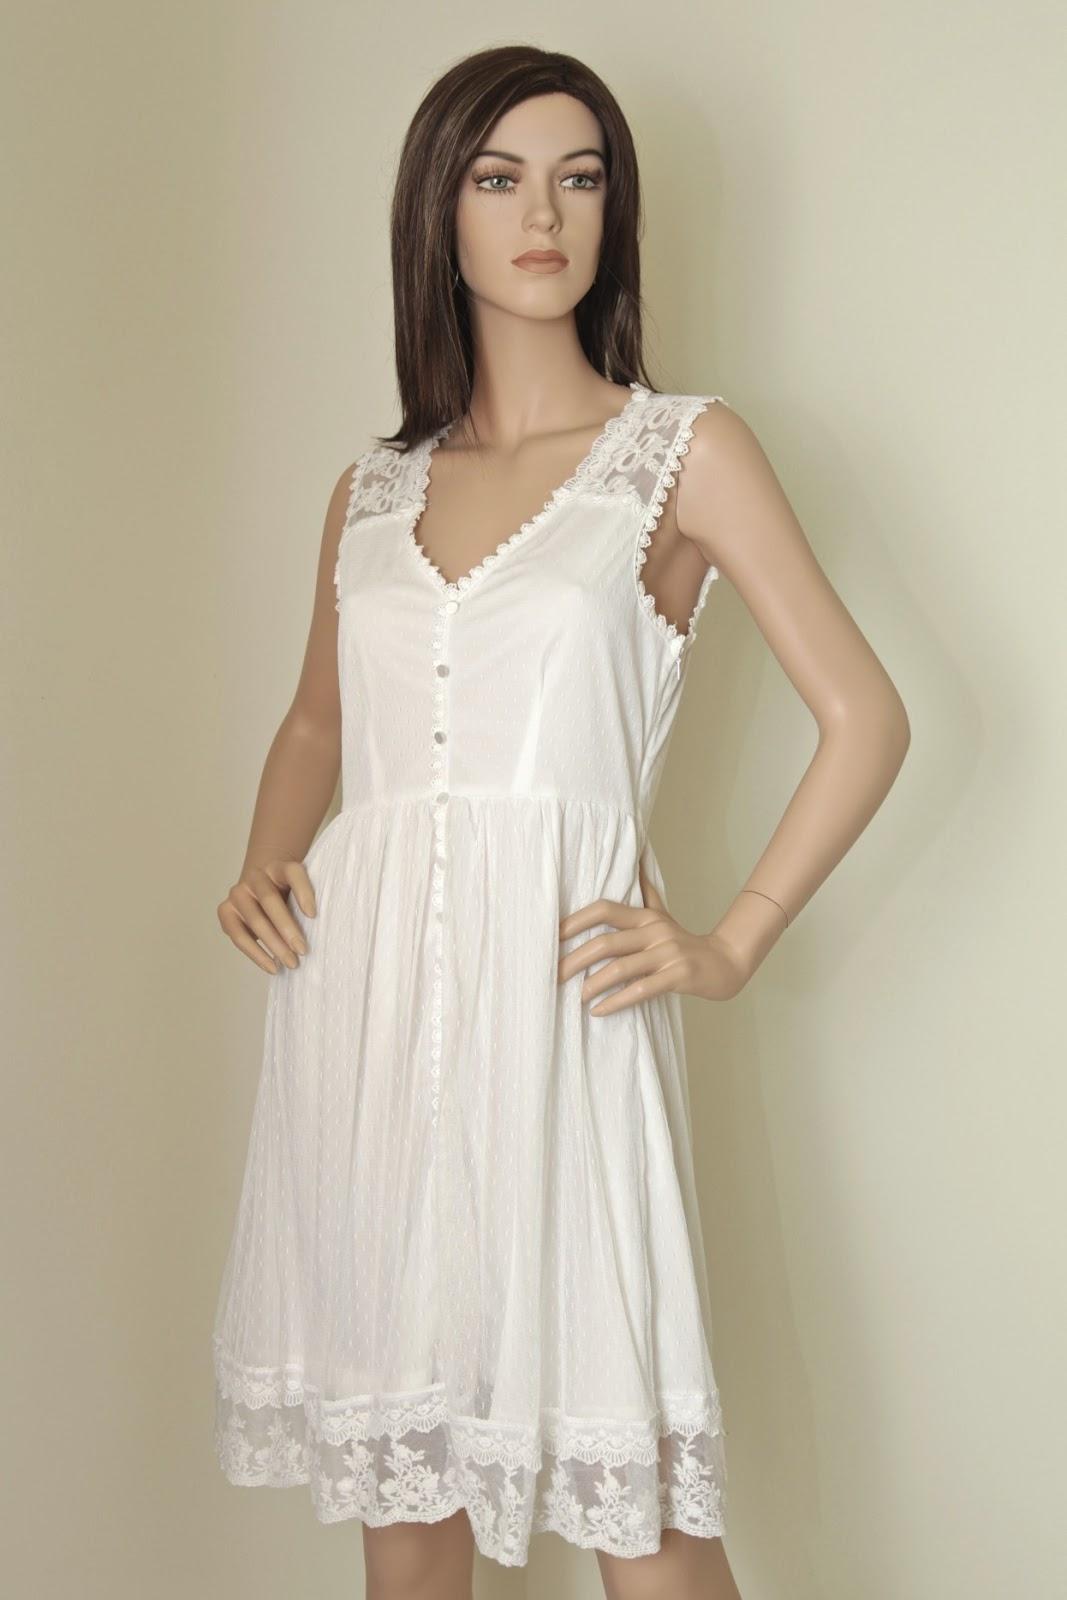 e5a8ba69ec34 Så har då årets sötaste spetsklänningar kommit, Ardun Dress från VILA! Den  vita är perfekt för studenten, konfirmanden eller den som vill ha en  enklare ...